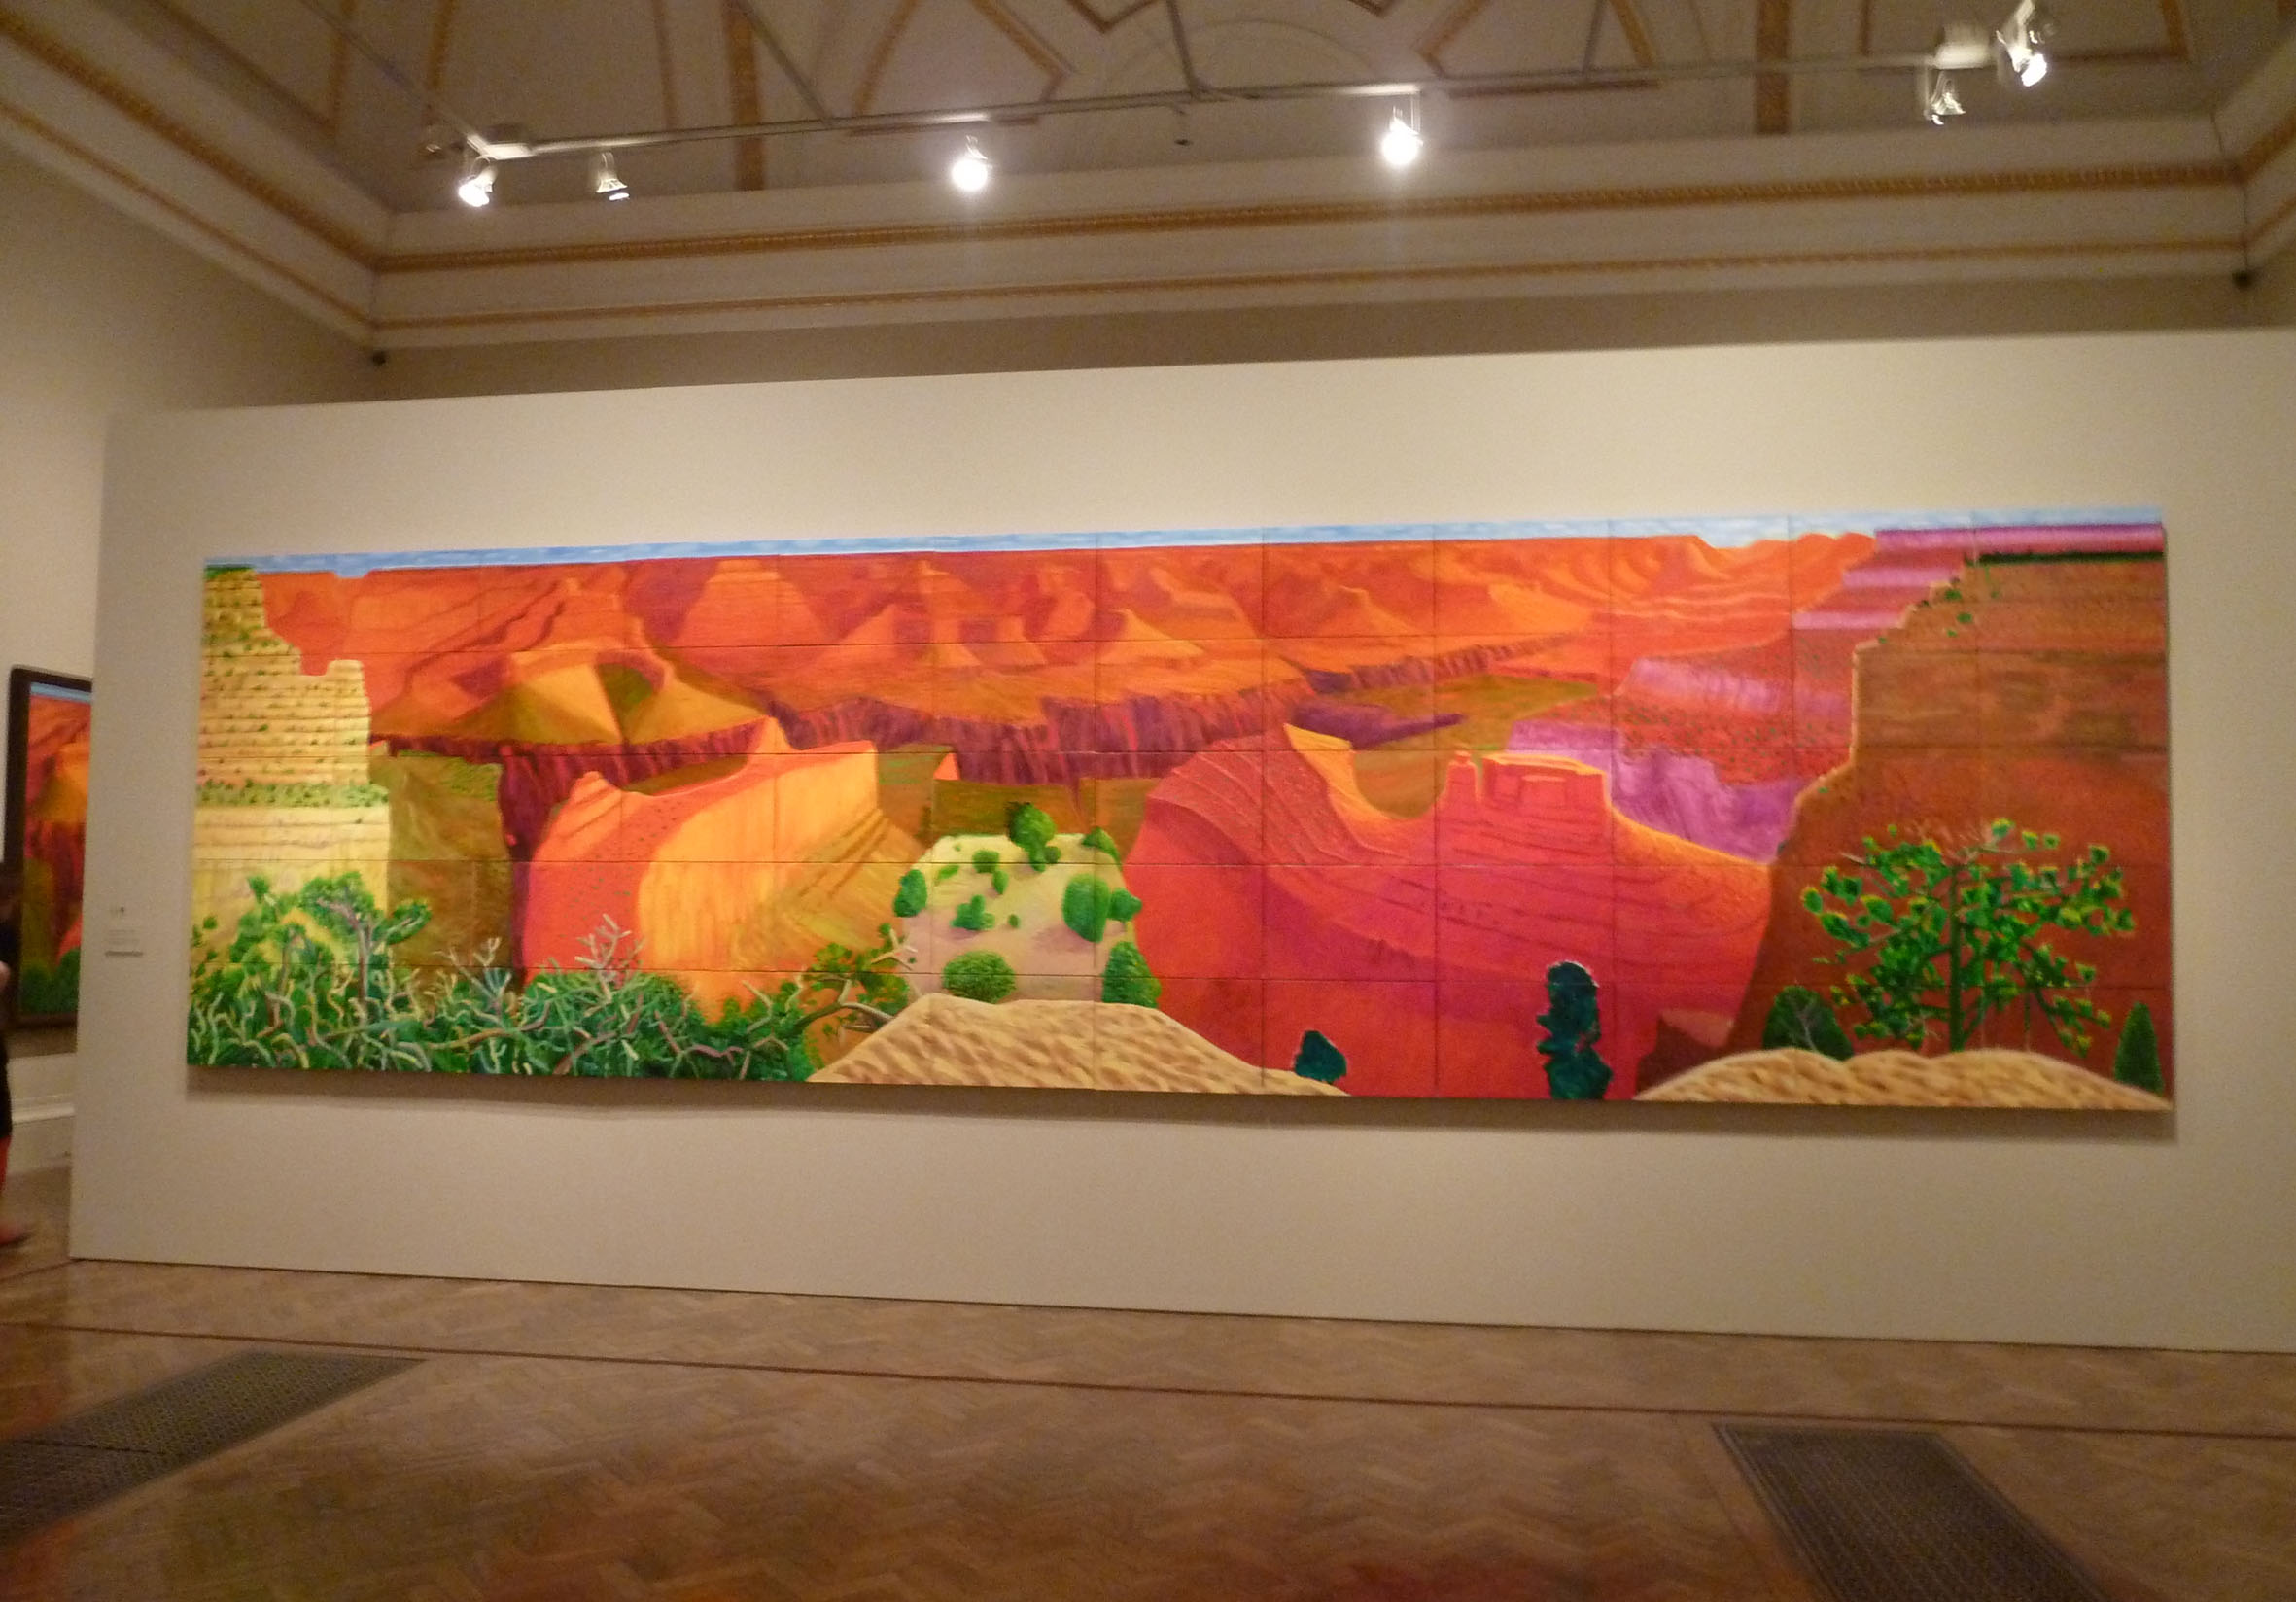 Blog Ipad Paintings David Hockney